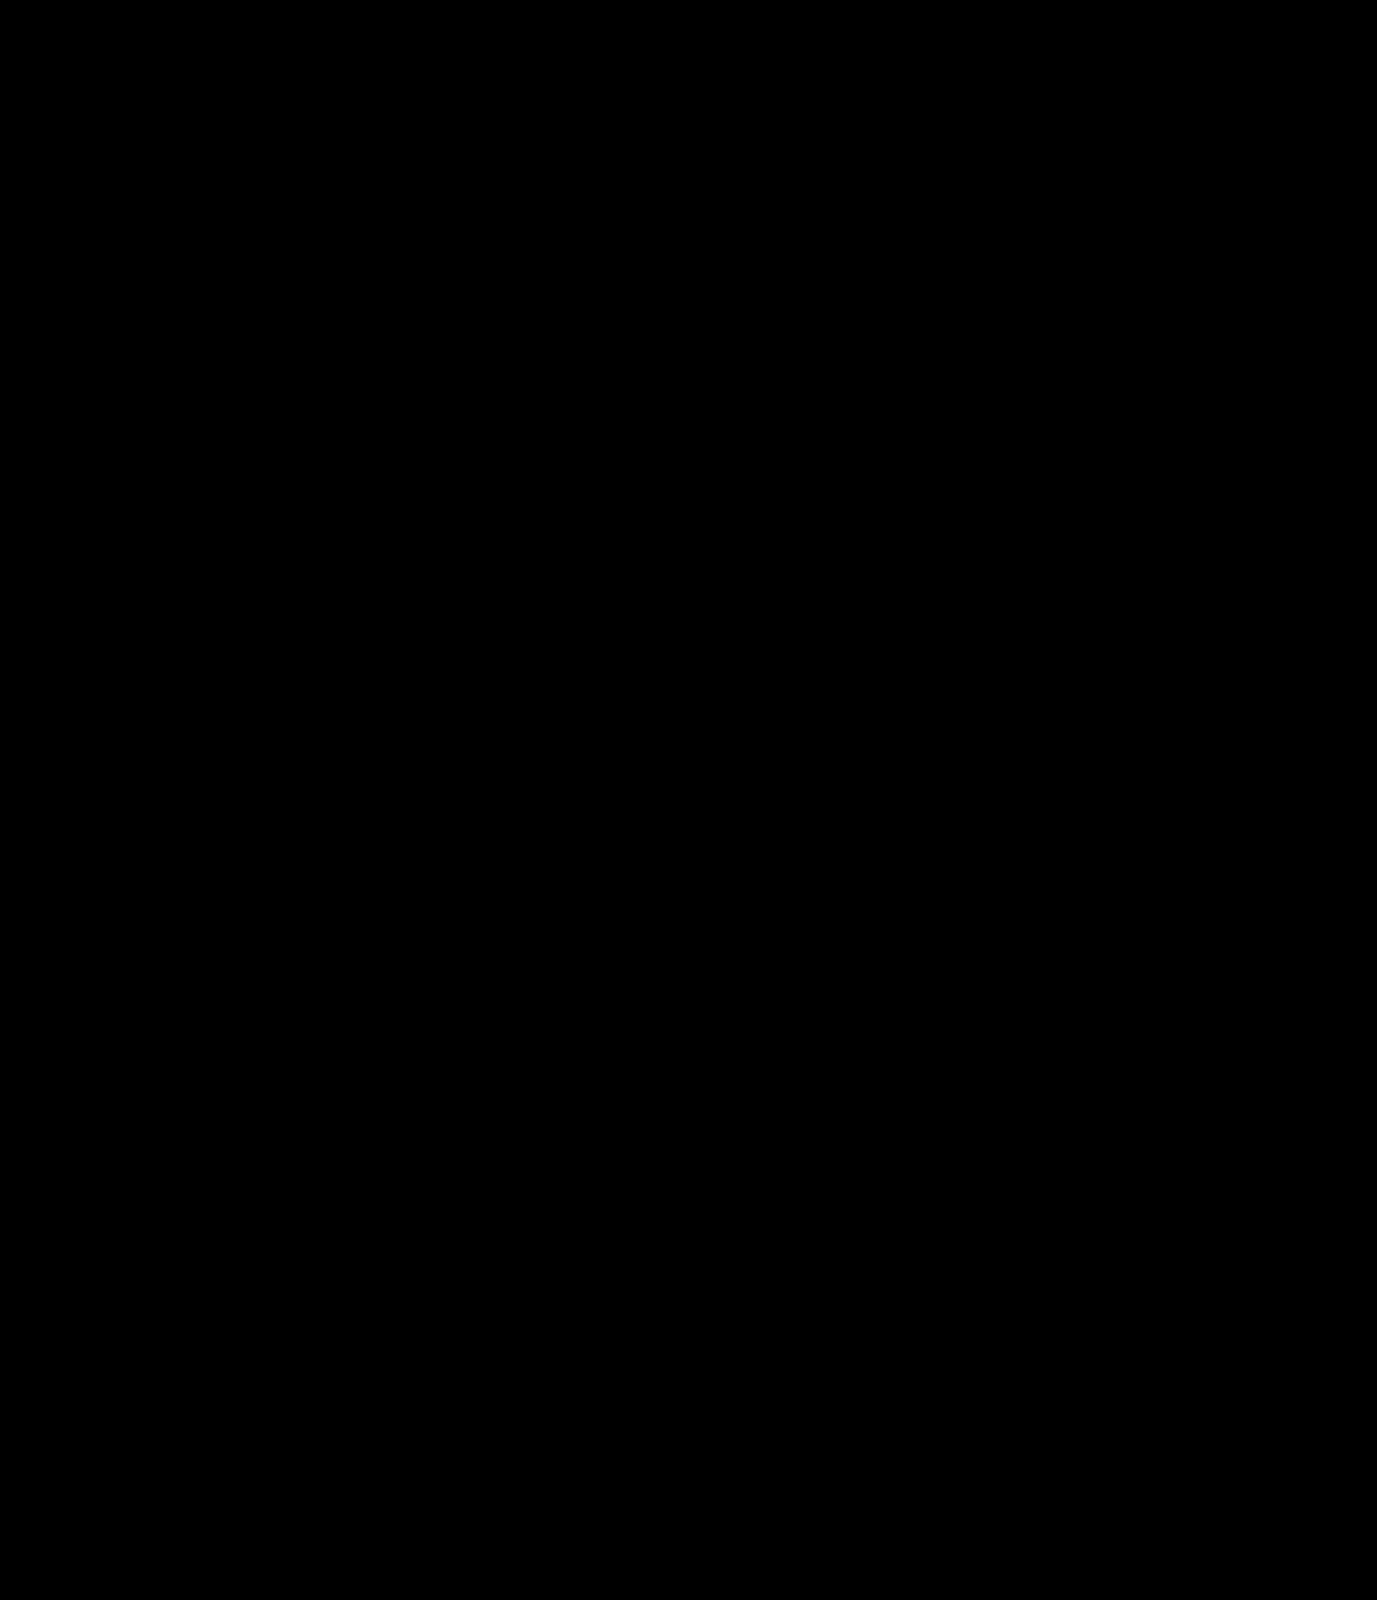 рисунок на фон в ворде покататься